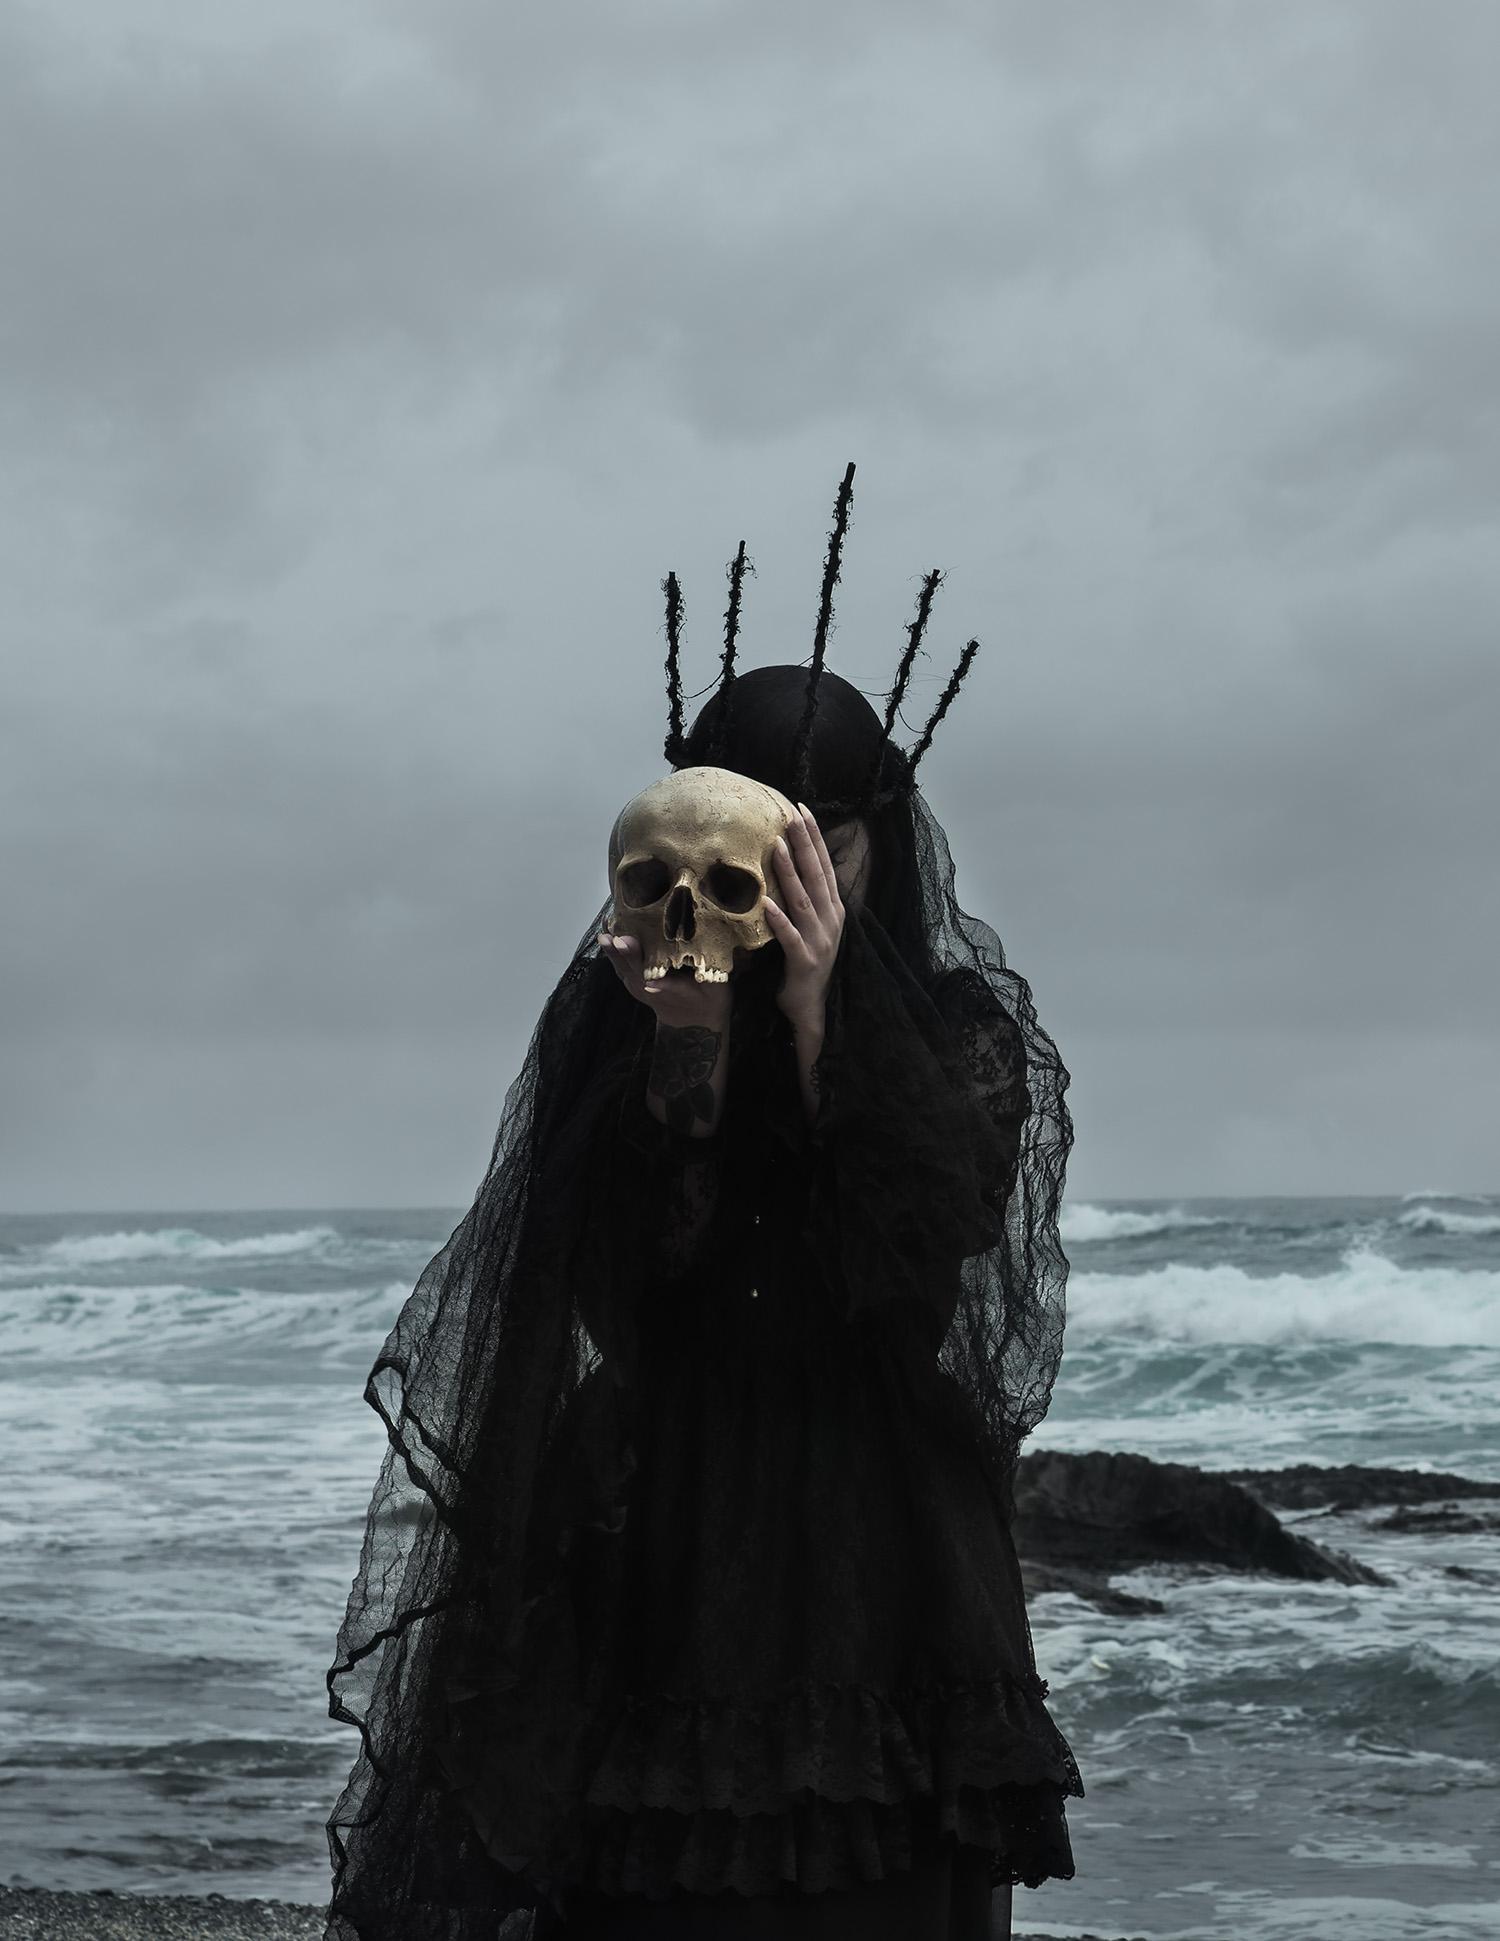 American Ghoul, Siren, dark figure holding skull over face